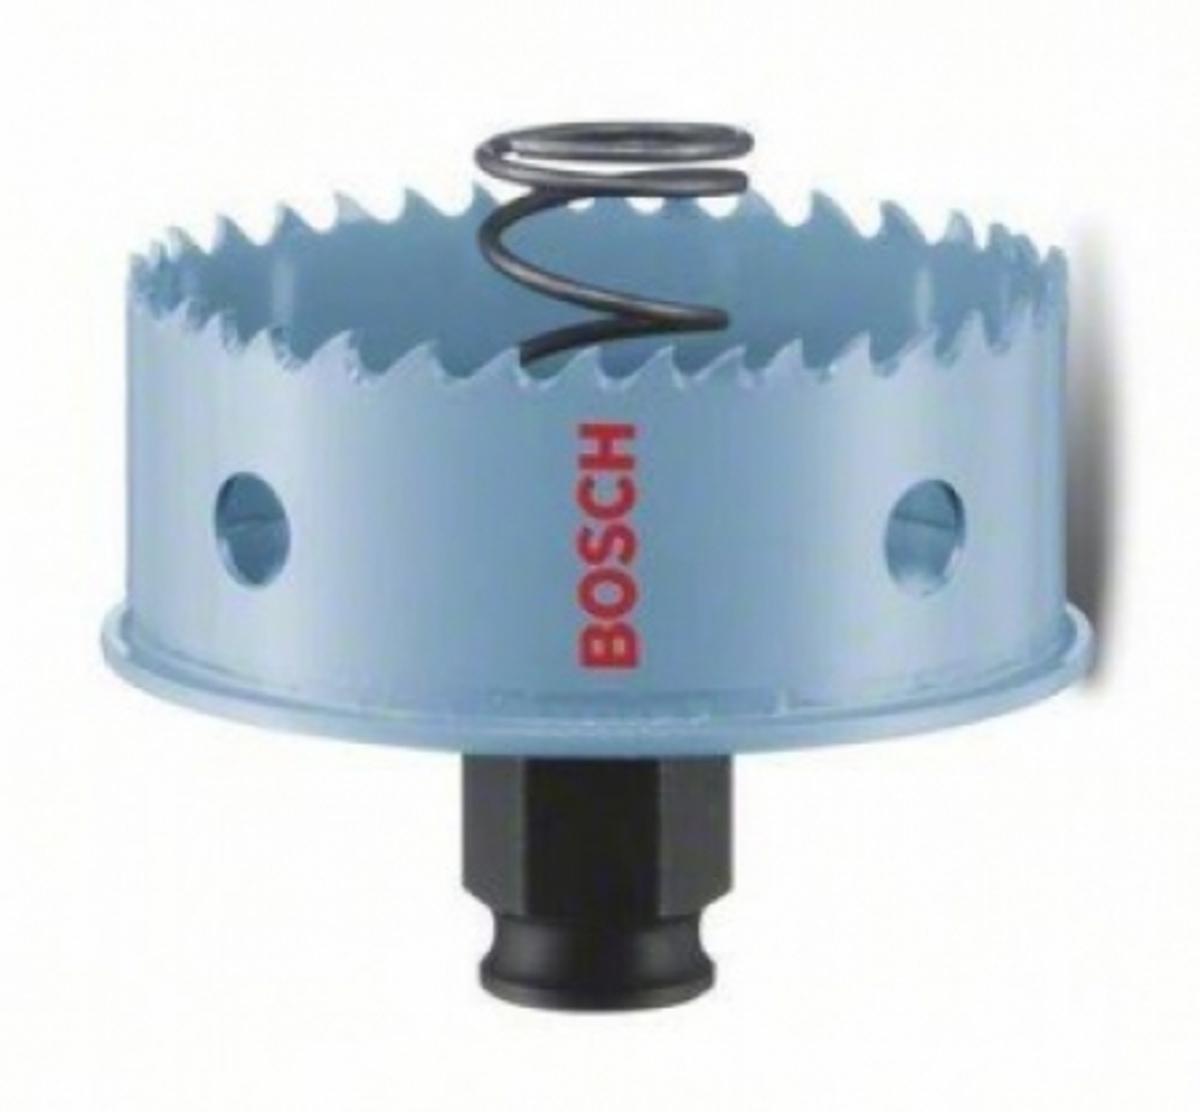 SERRA COPO SHEET METAL 44mm BOSCH